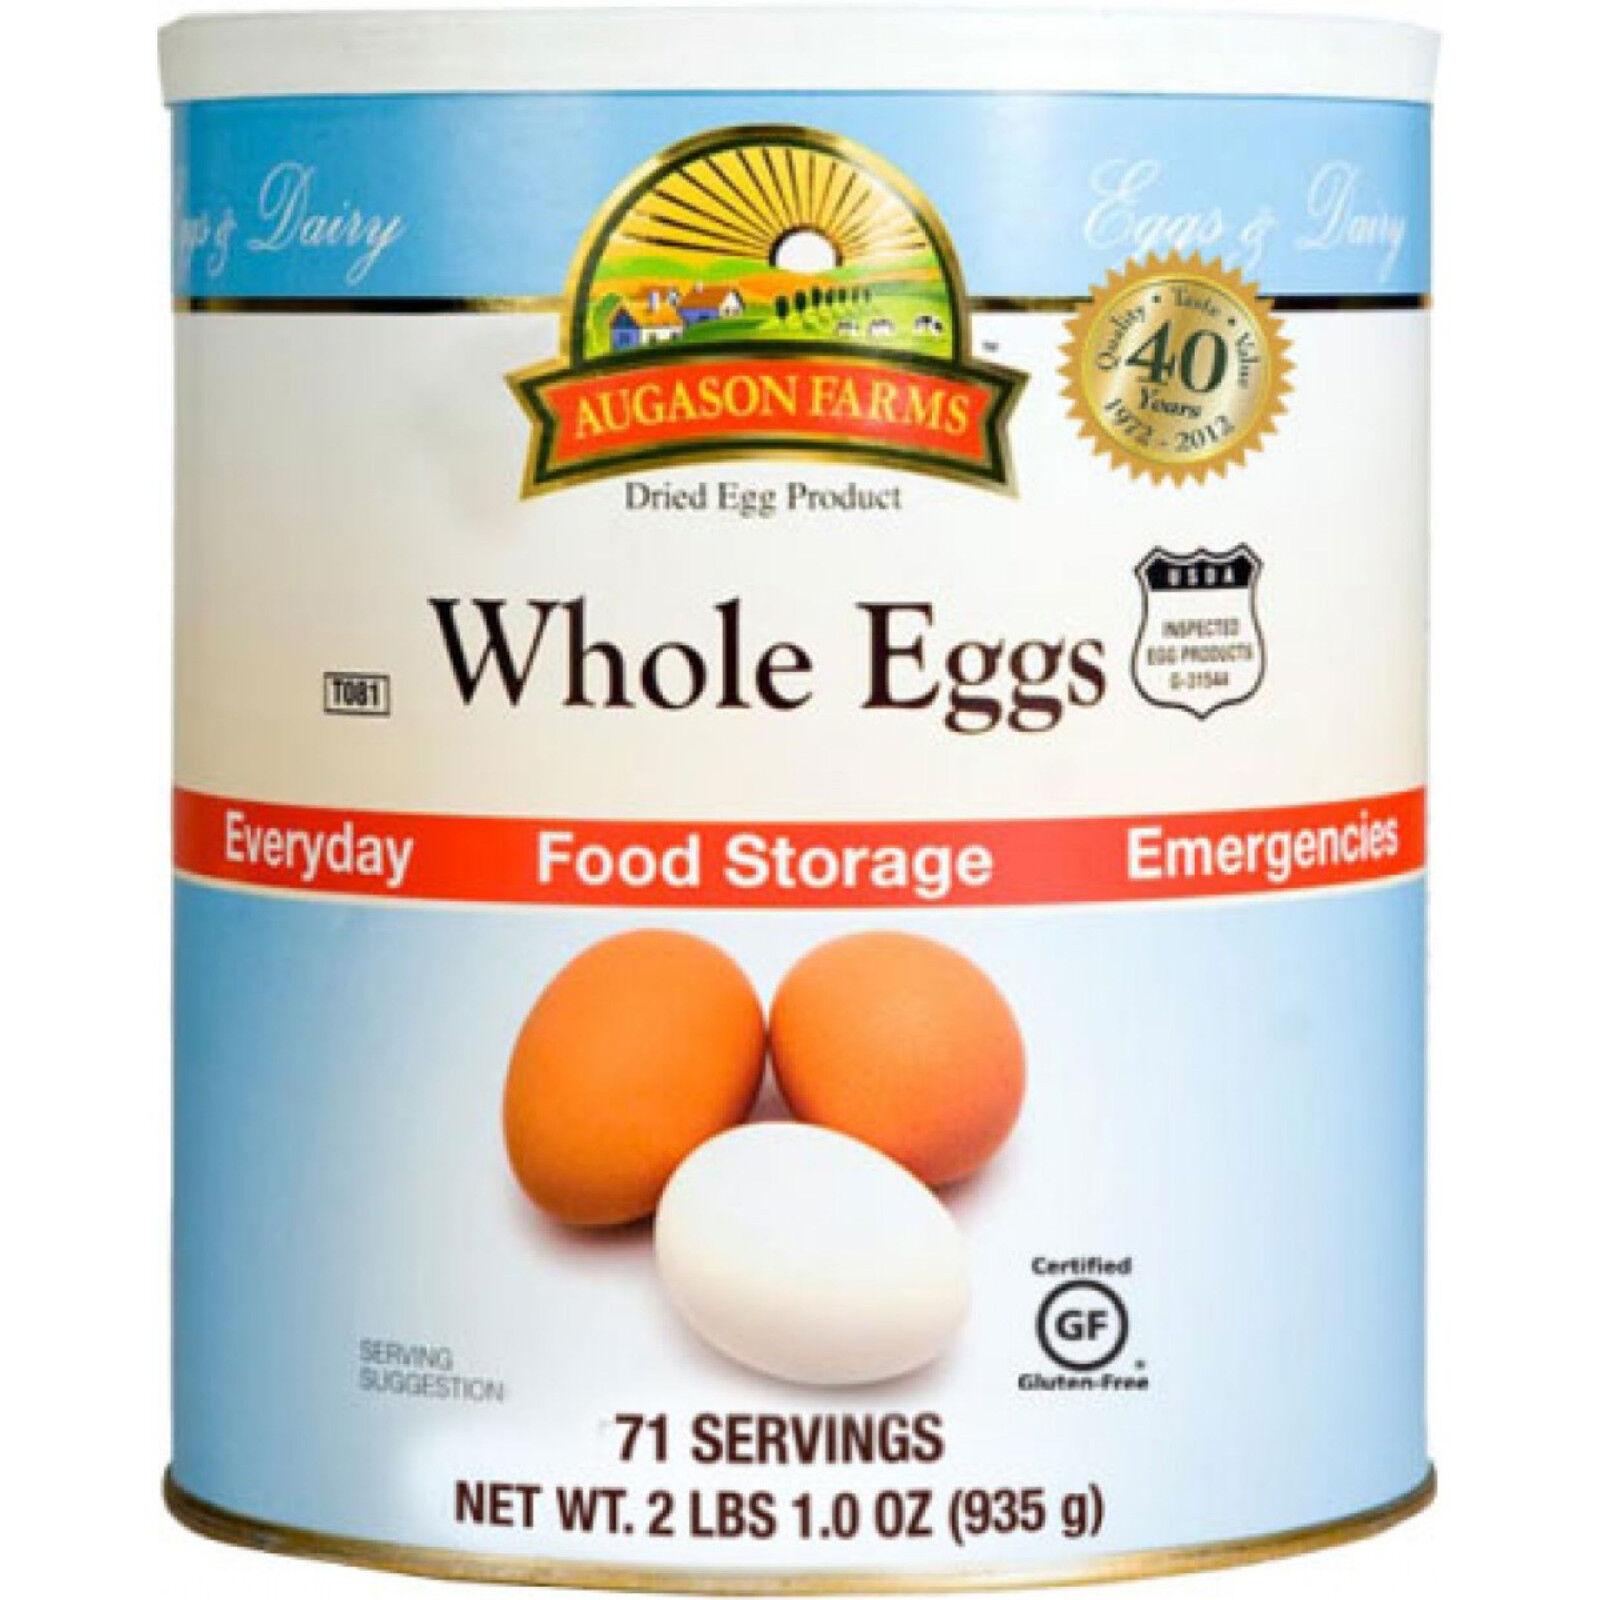 AUGASON FARMS DRIED WHOLE EGGS FOOD STORAGE LONG SURVIVAL POWDERED EMERCENCY RV